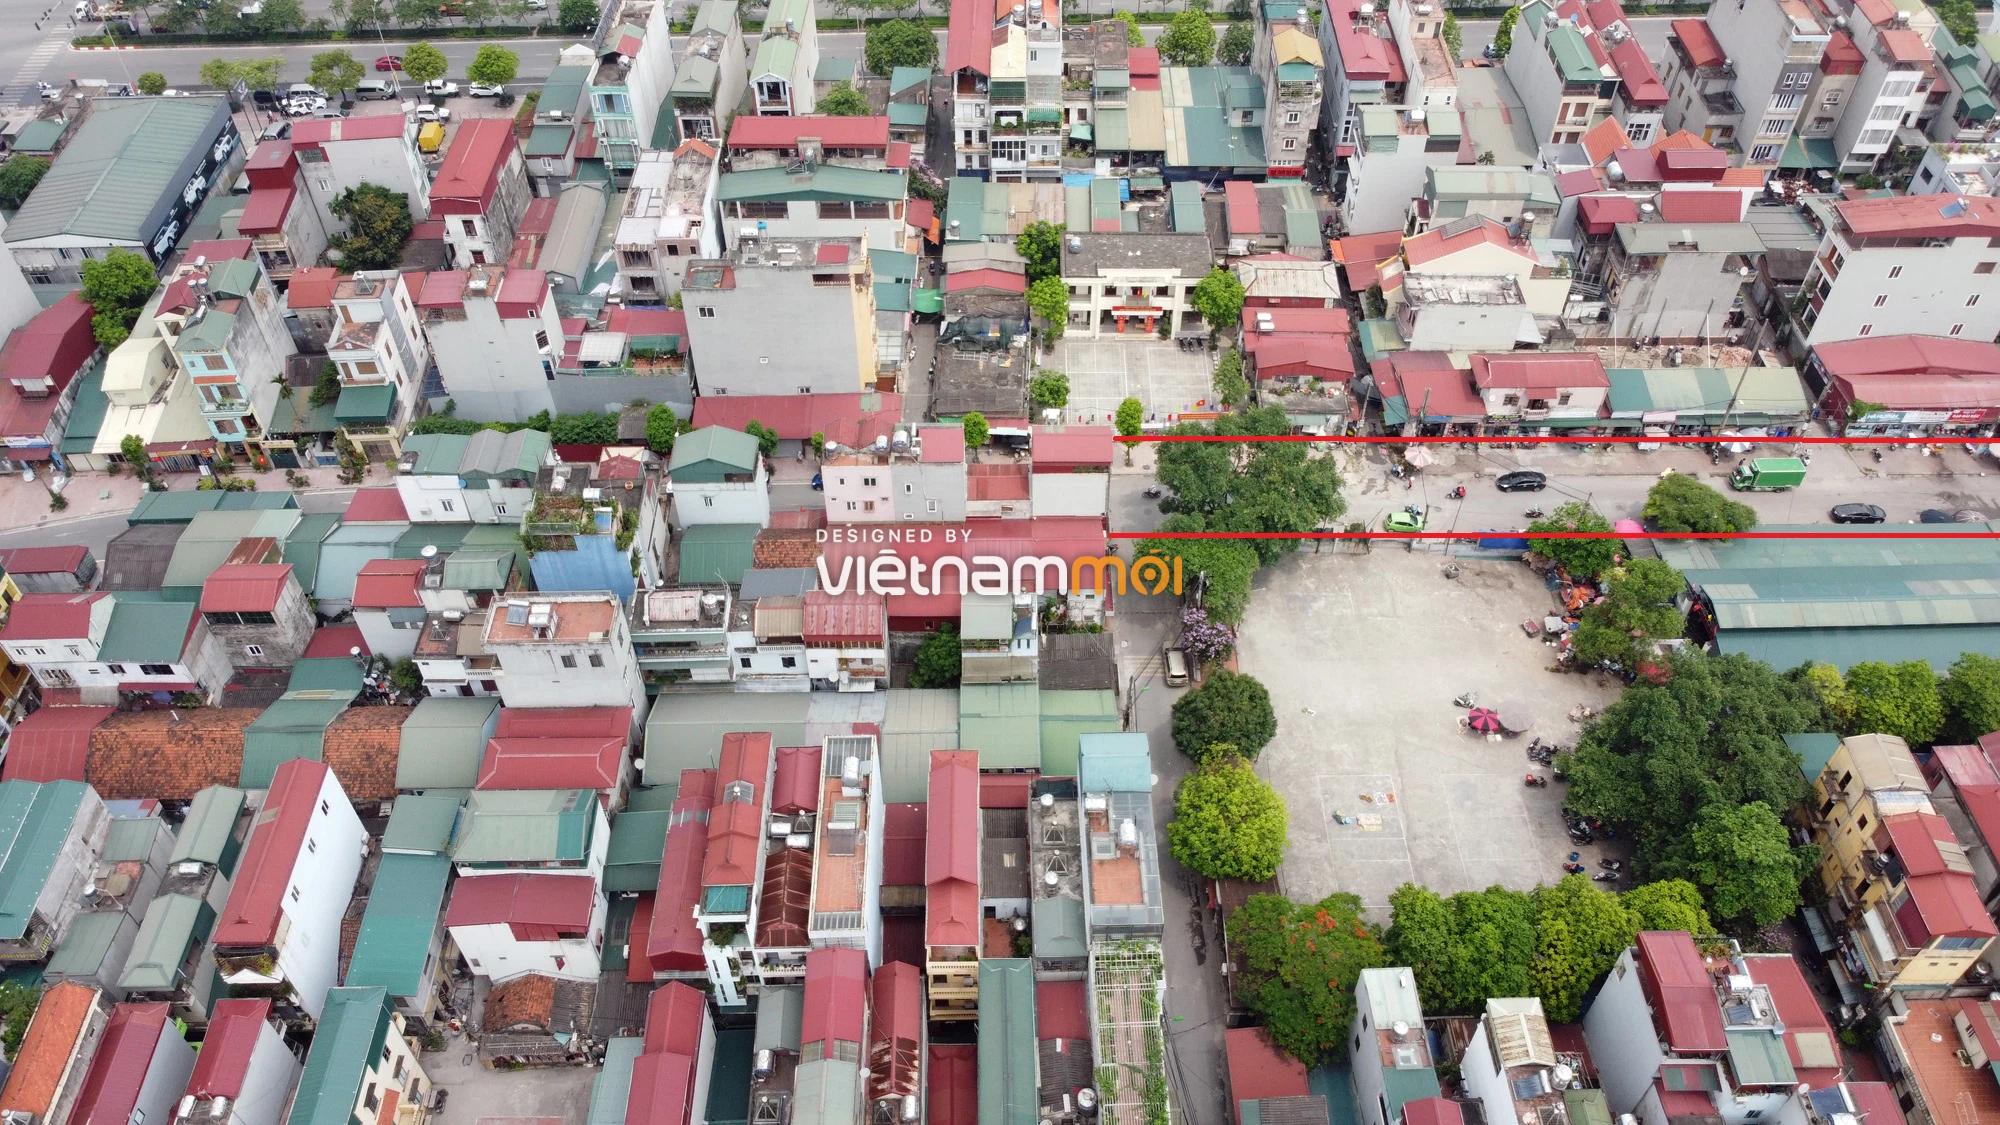 Những khu đất sắp thu hồi để mở đường ở phường Đức Giang, Long Biên, Hà Nội (phần 3) - Ảnh 10.